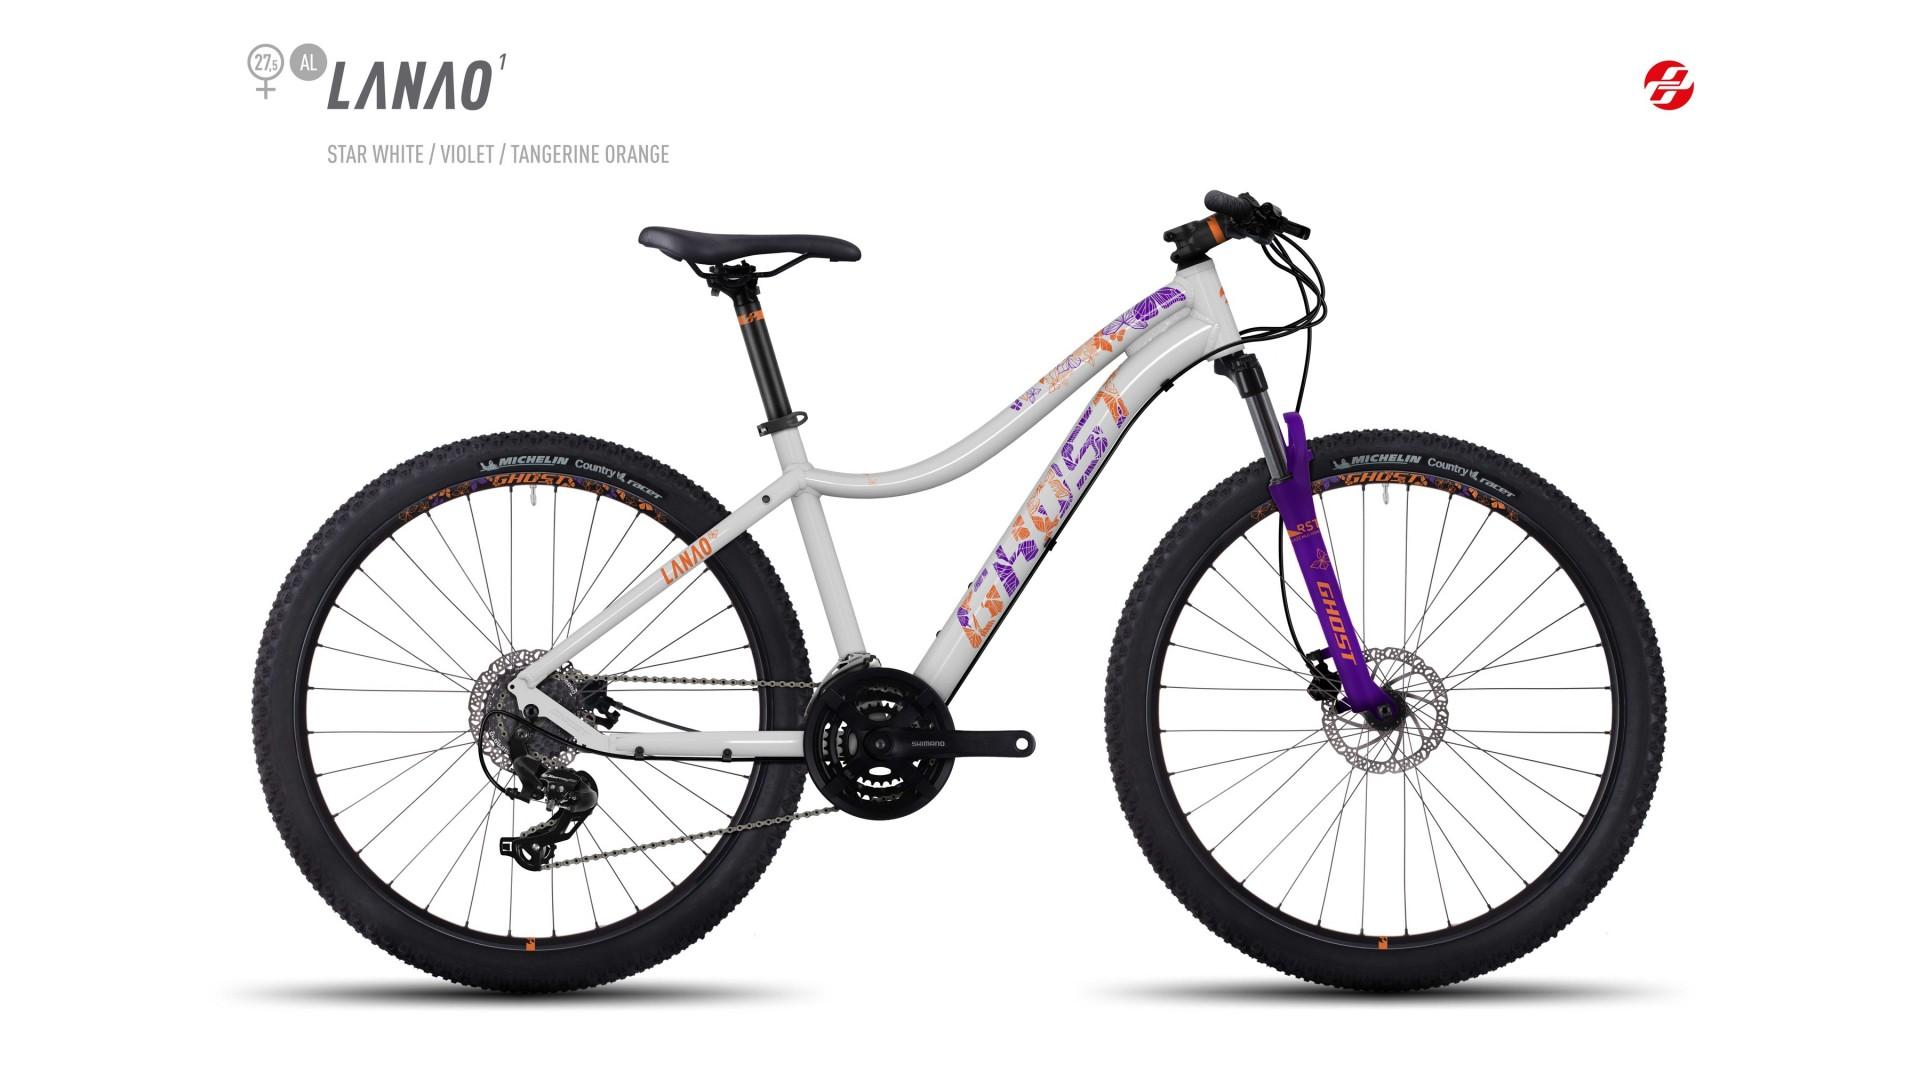 Велосипед GHOST Lanao 1 AL 27.5 starwhite/violet/tangerineorange год 2017